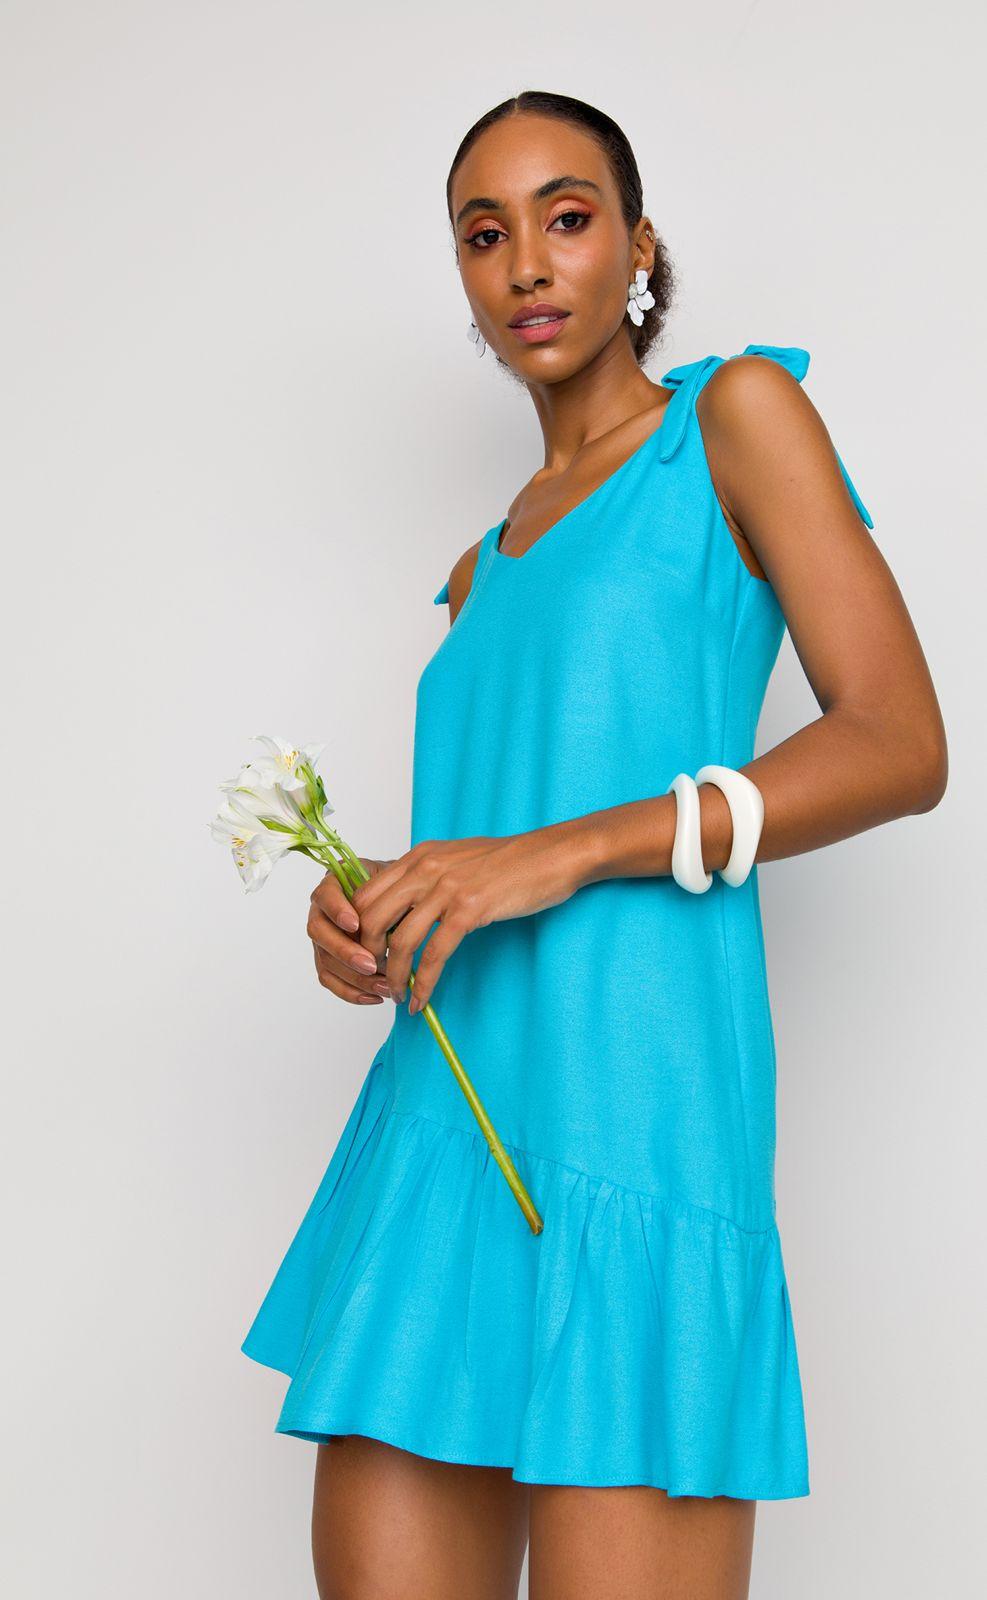 Vestido Flor de Lis solto curto alças babado barra